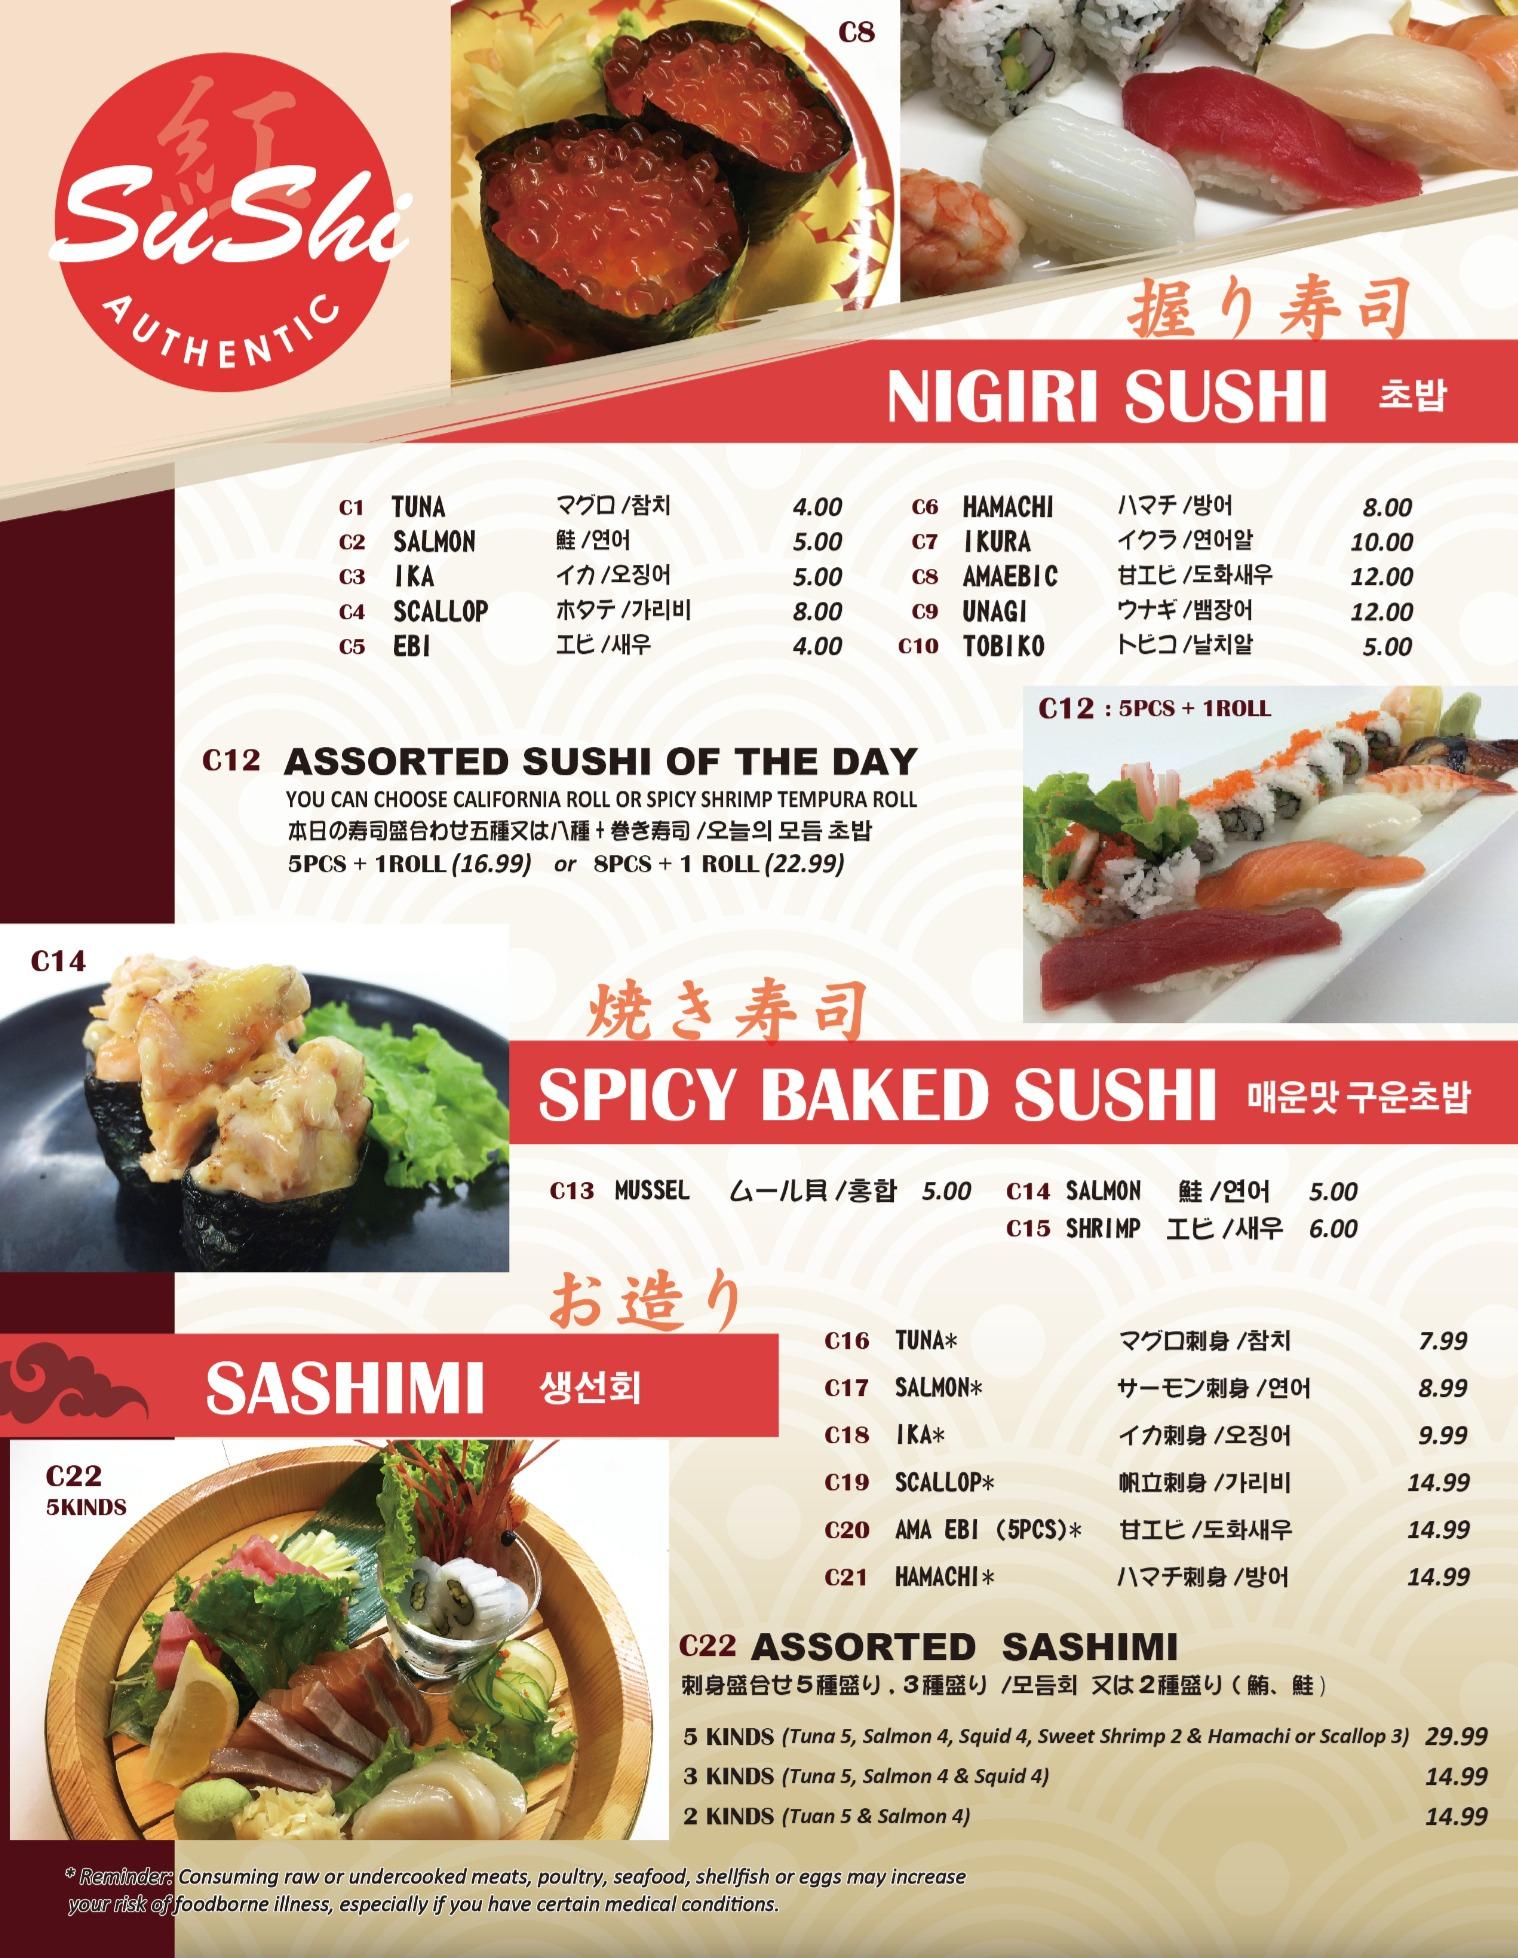 Nigiri~Spicy Baked Sushi~Sashimi